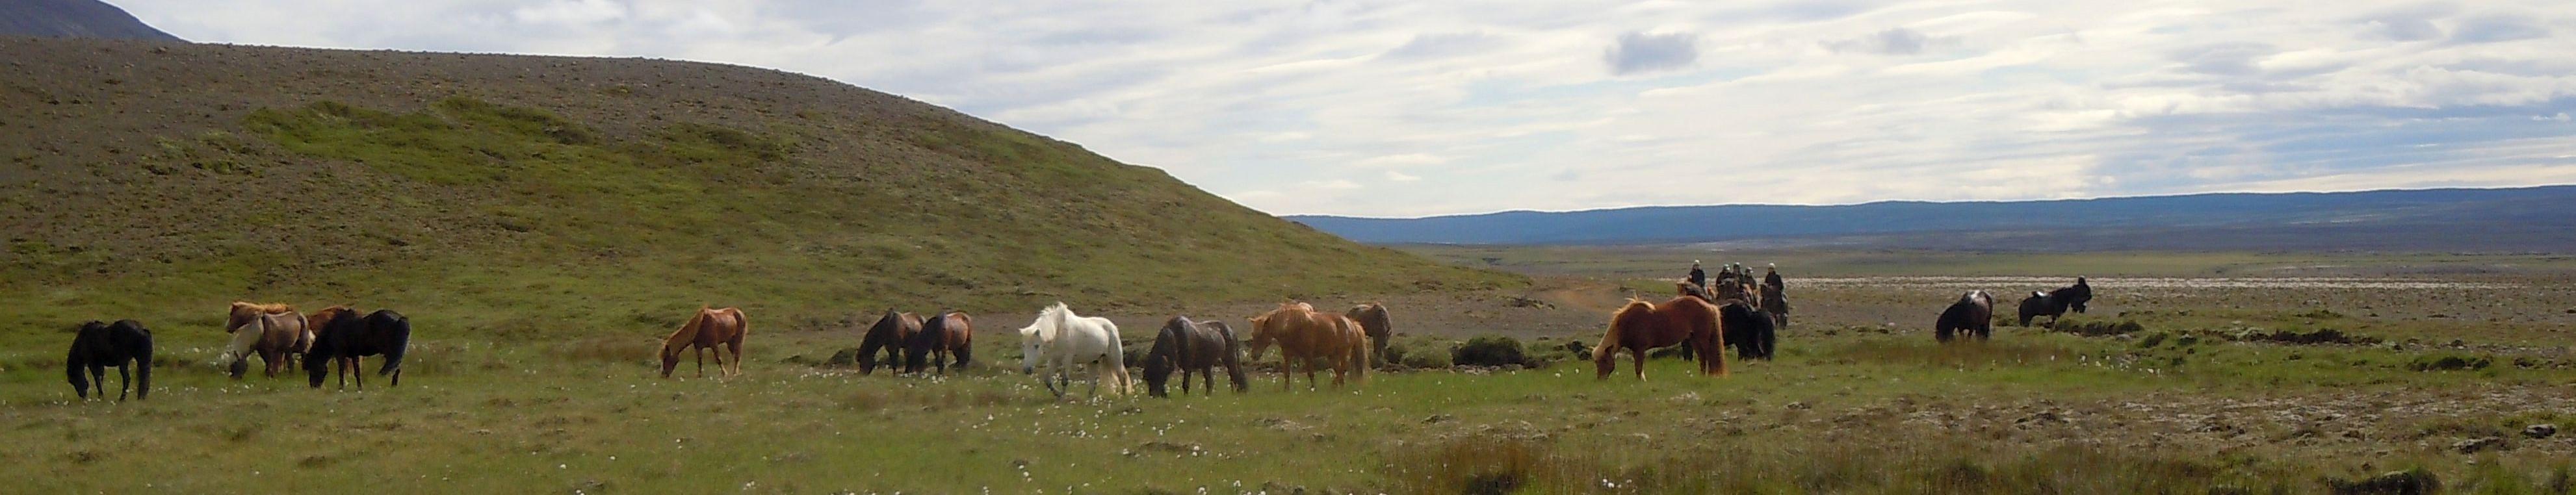 Pferdefrauen.de